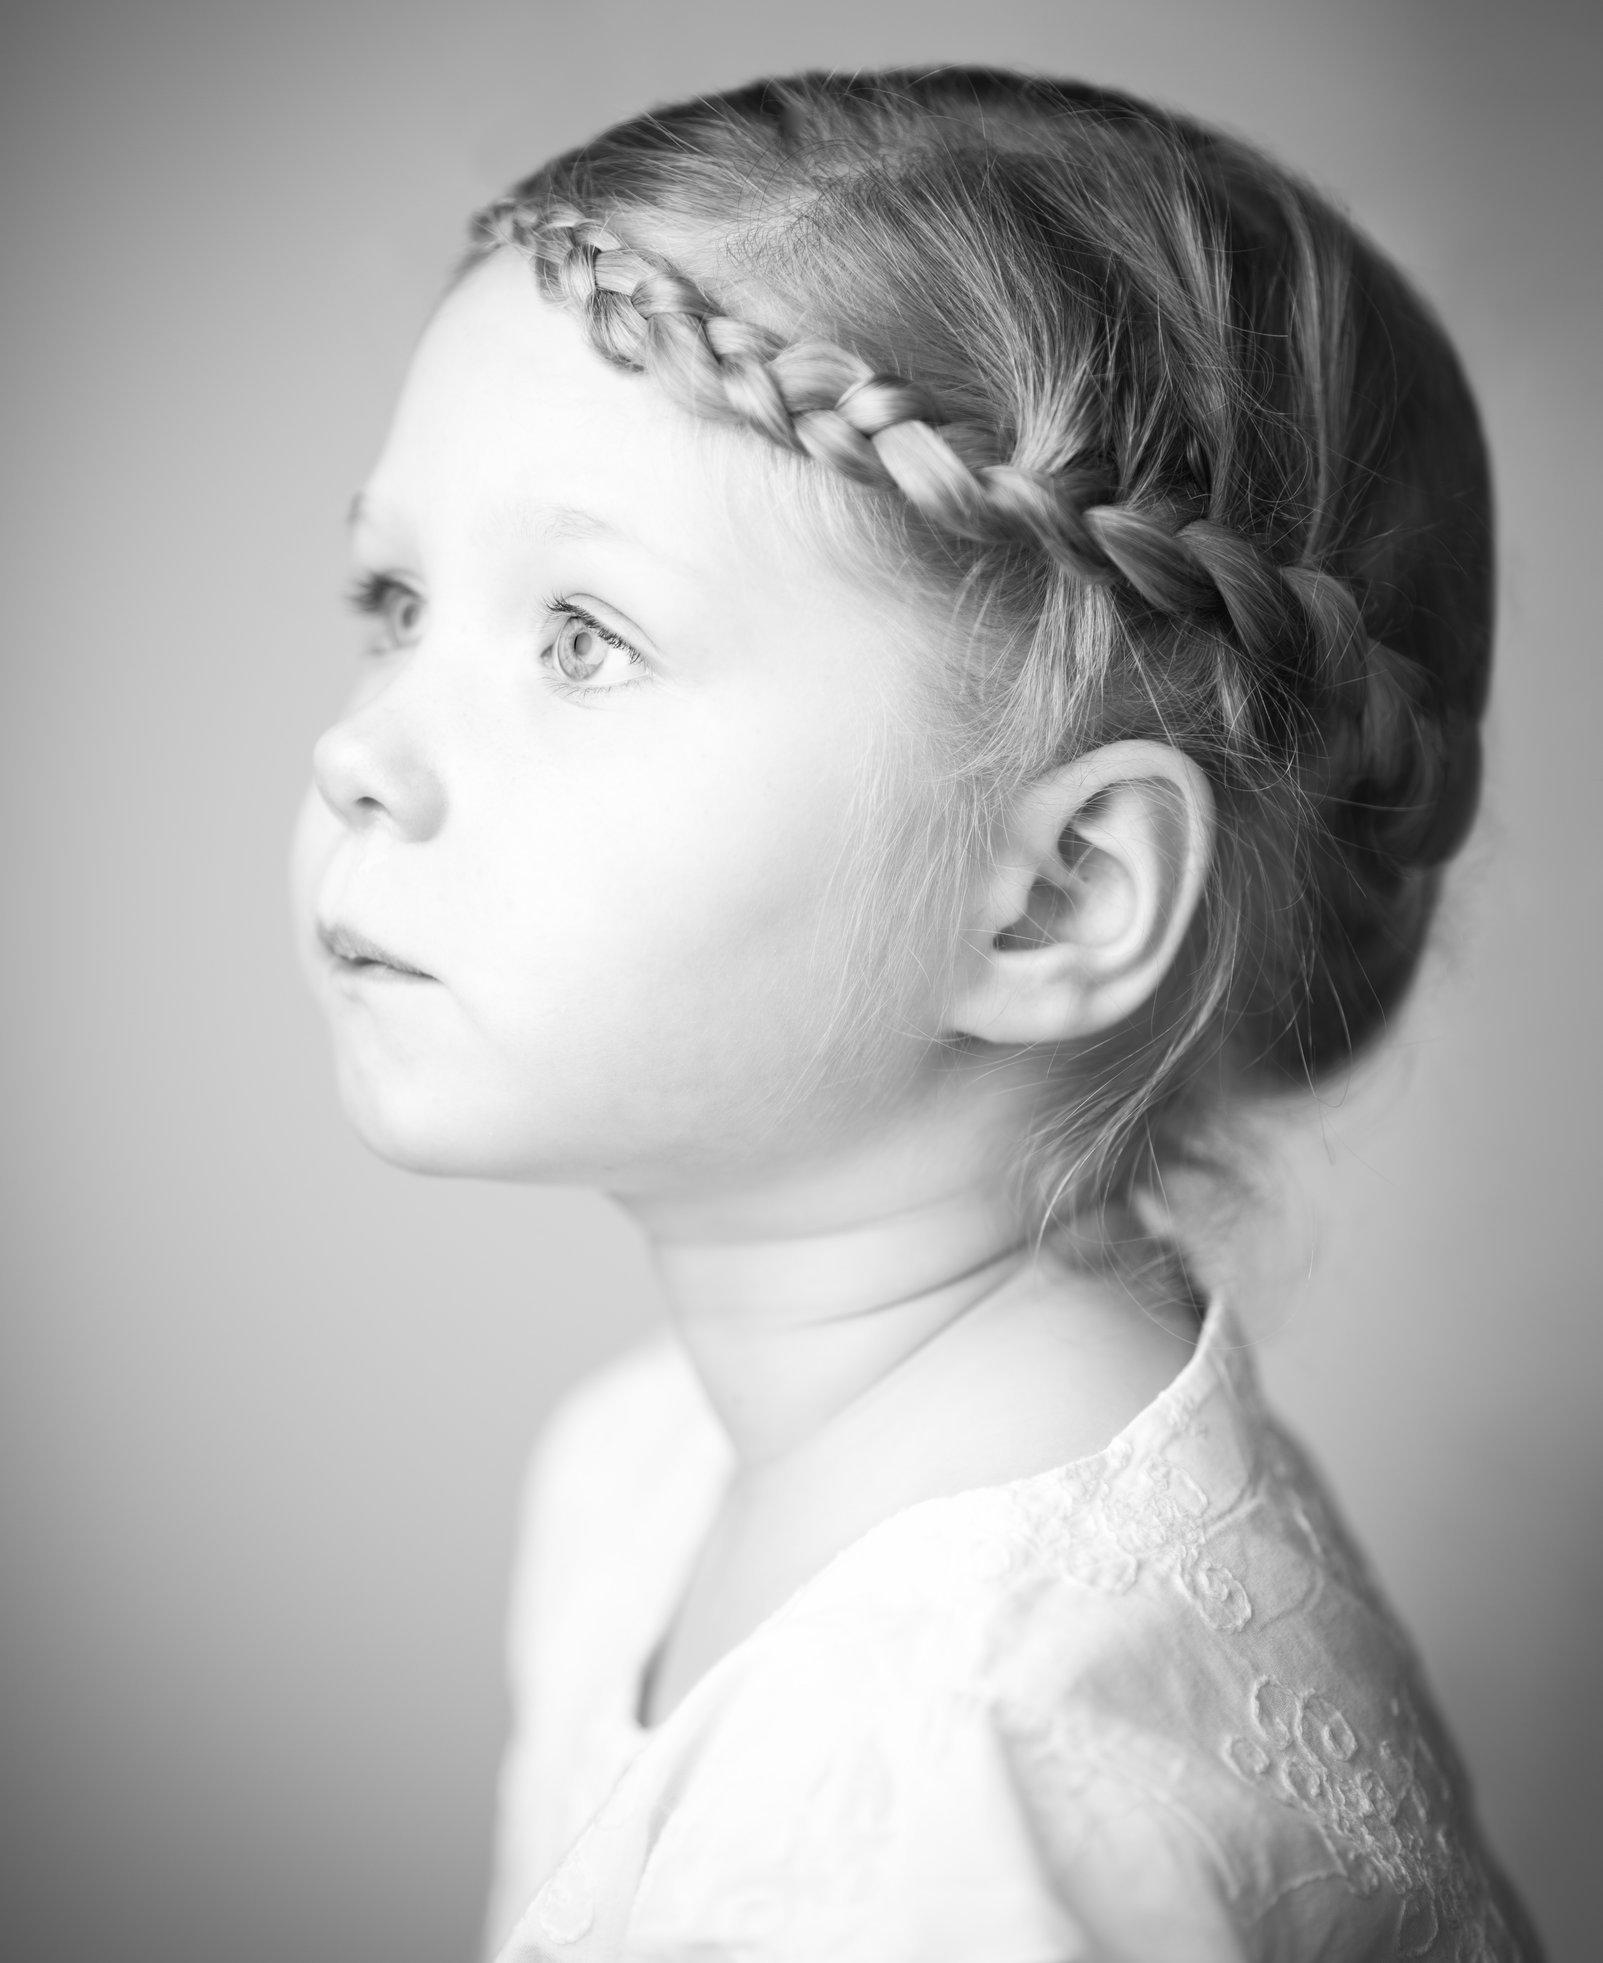 Portretfoto kind met vlecht - © Janneke Walter, kinderfotograaf omgeving Utrecht